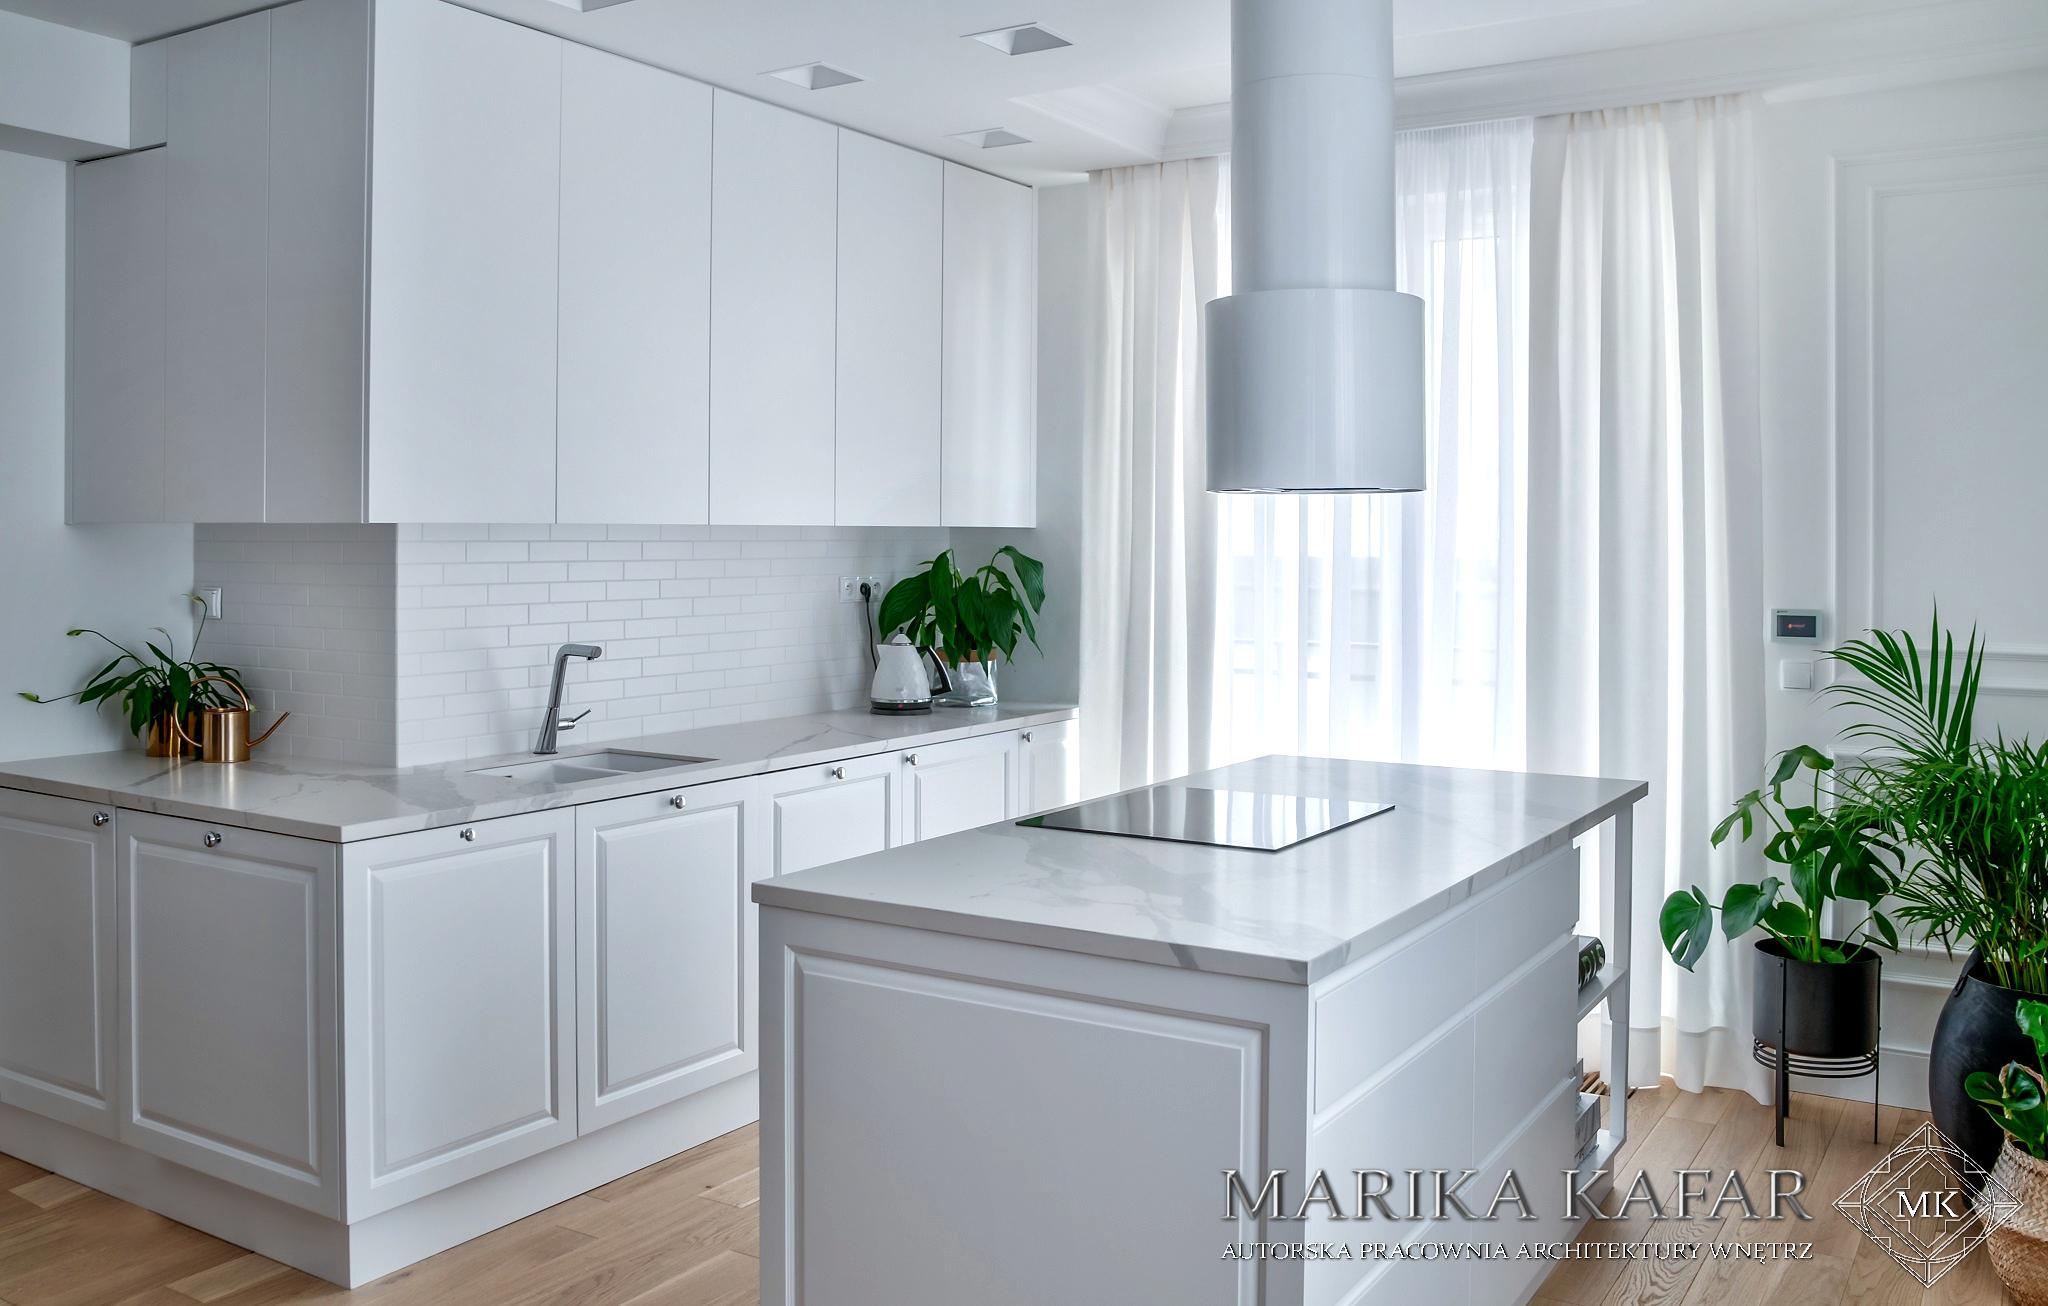 Marika Kafar Autorska Pracownia Architektury Wnętrz. Projekt eleganckiej kuchni, w której dominuje b